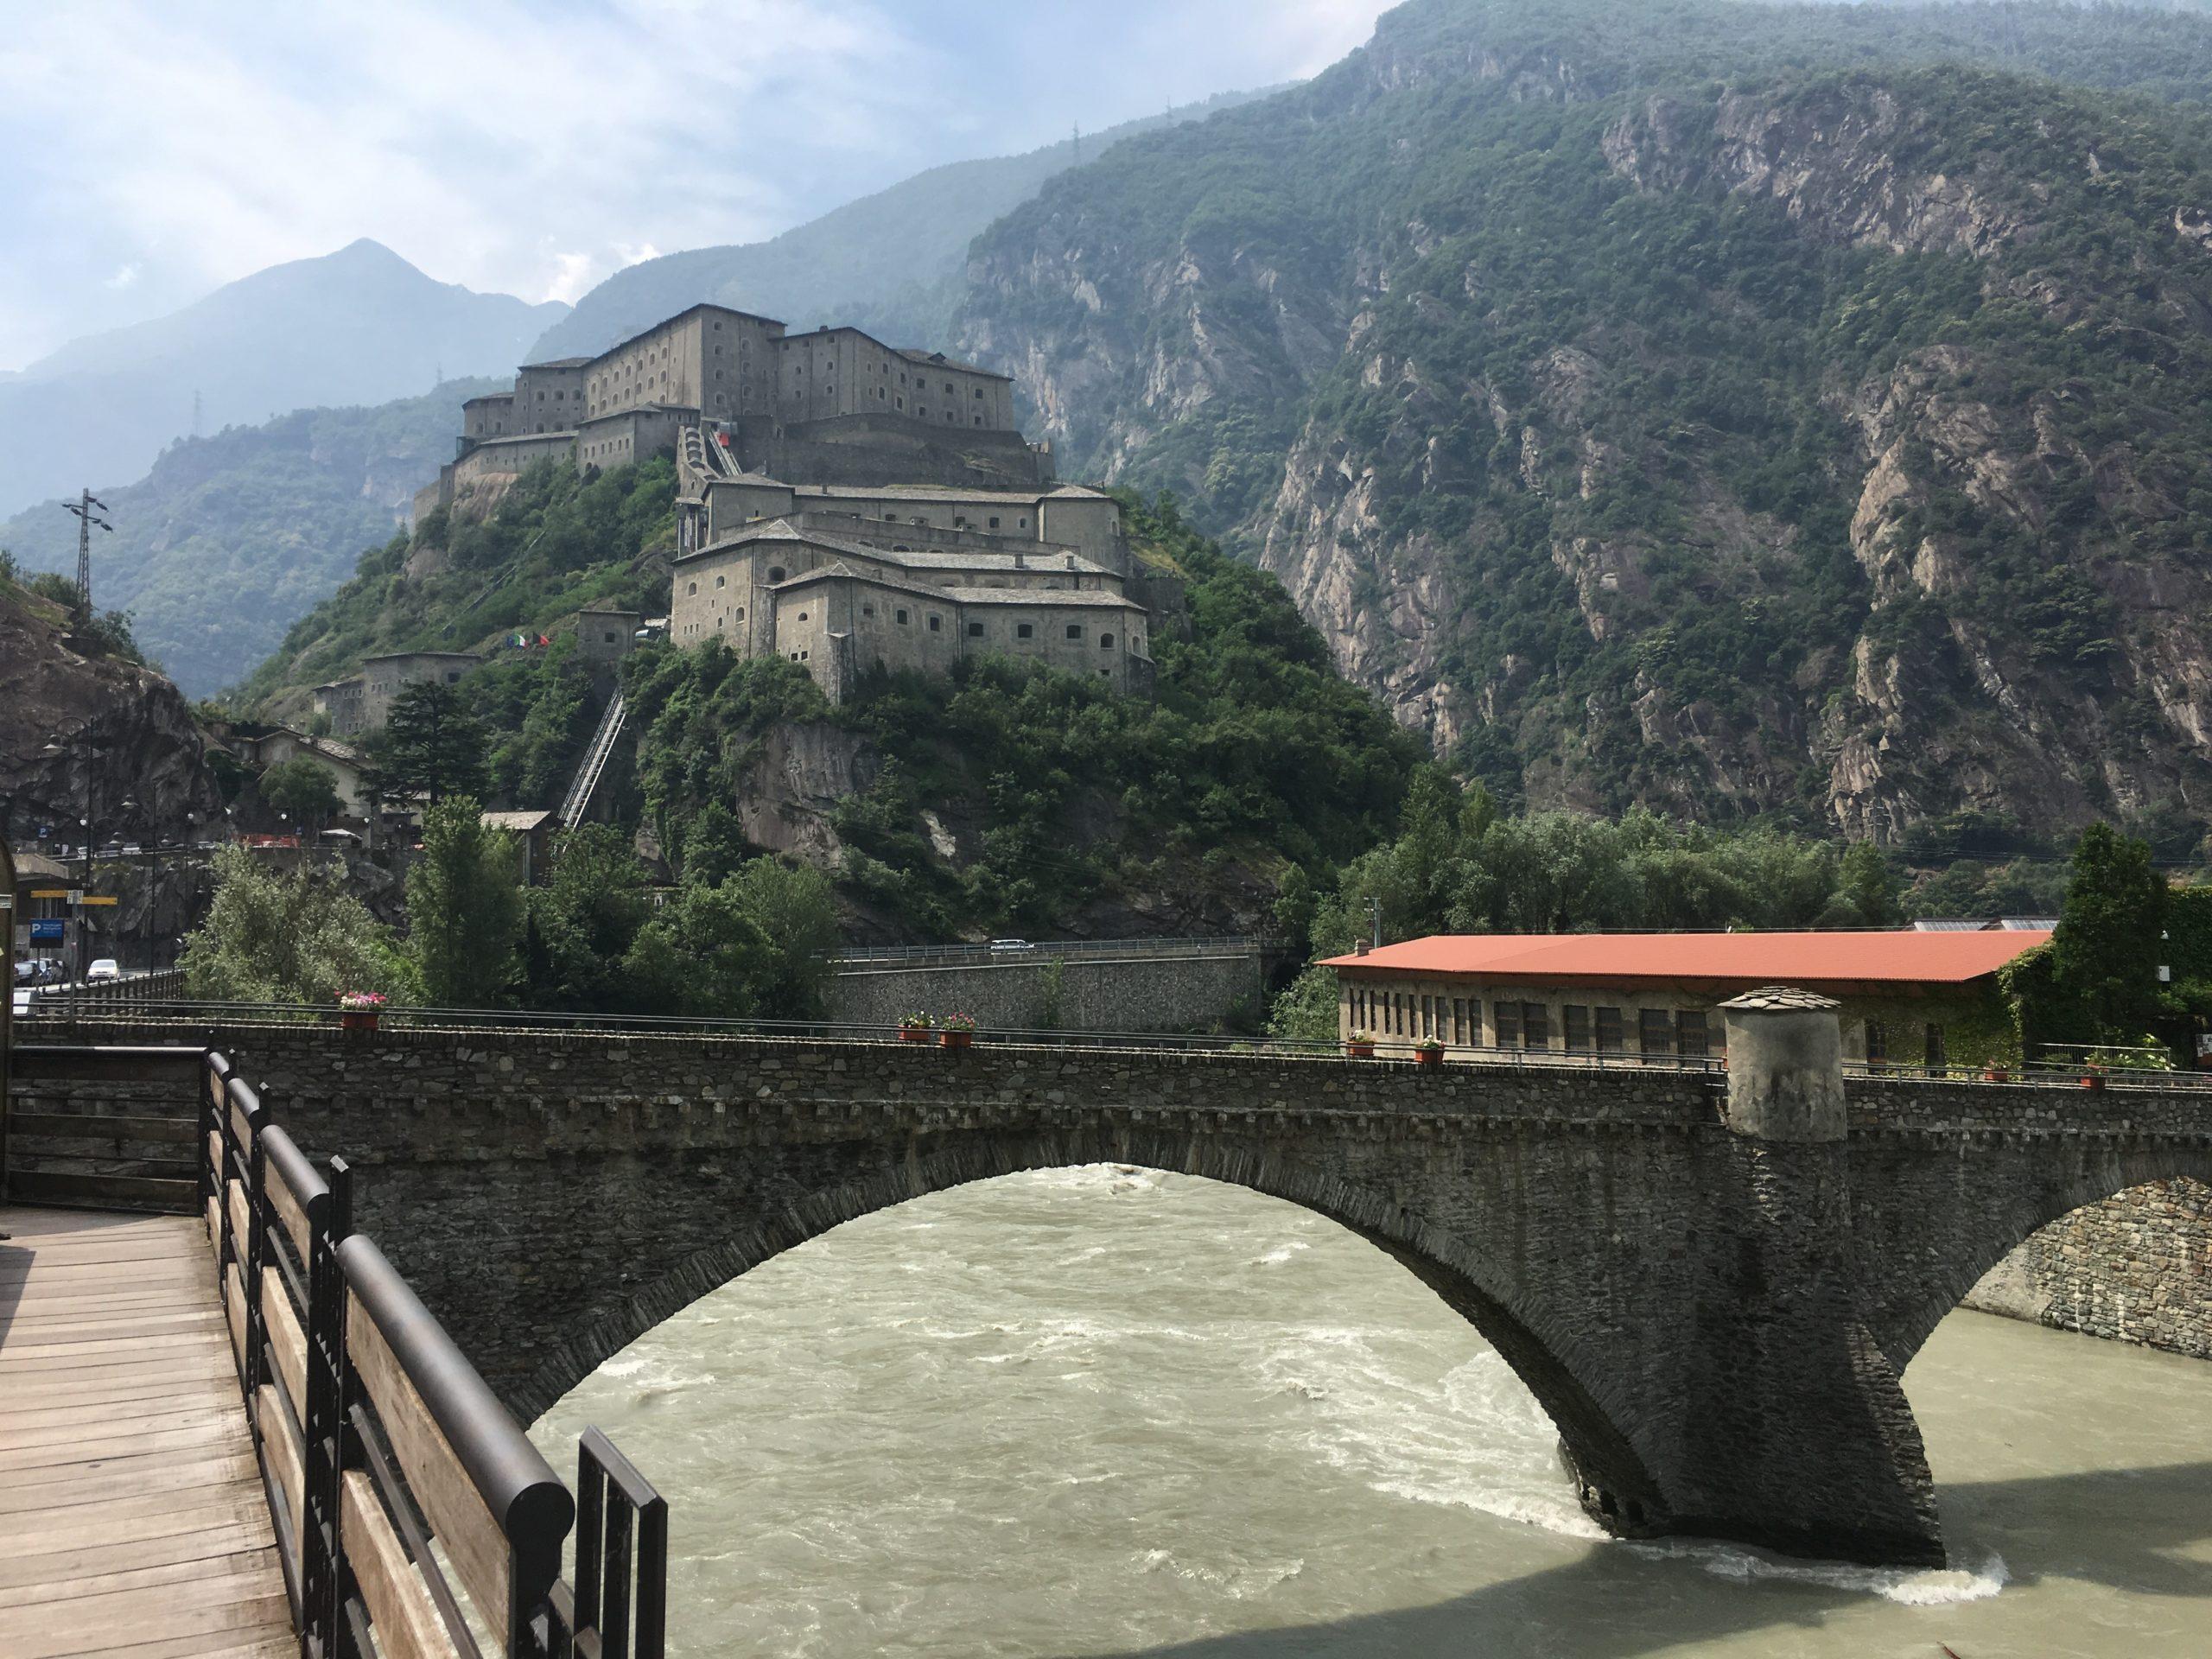 Bard Castle, Aosta Valley